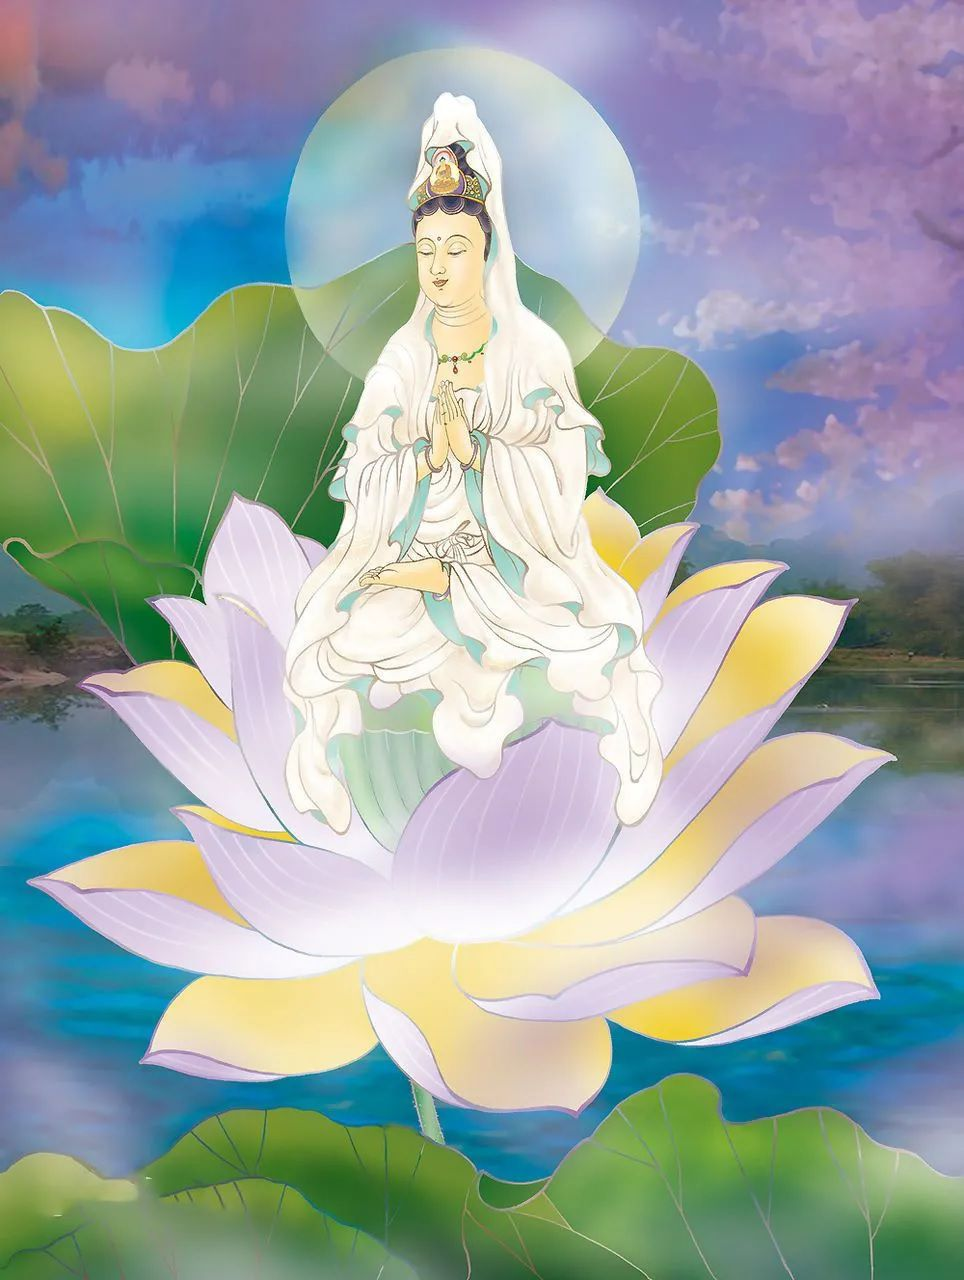 運頓多吉白菩提會-我與觀世音菩薩的奇緣(何佳佩)